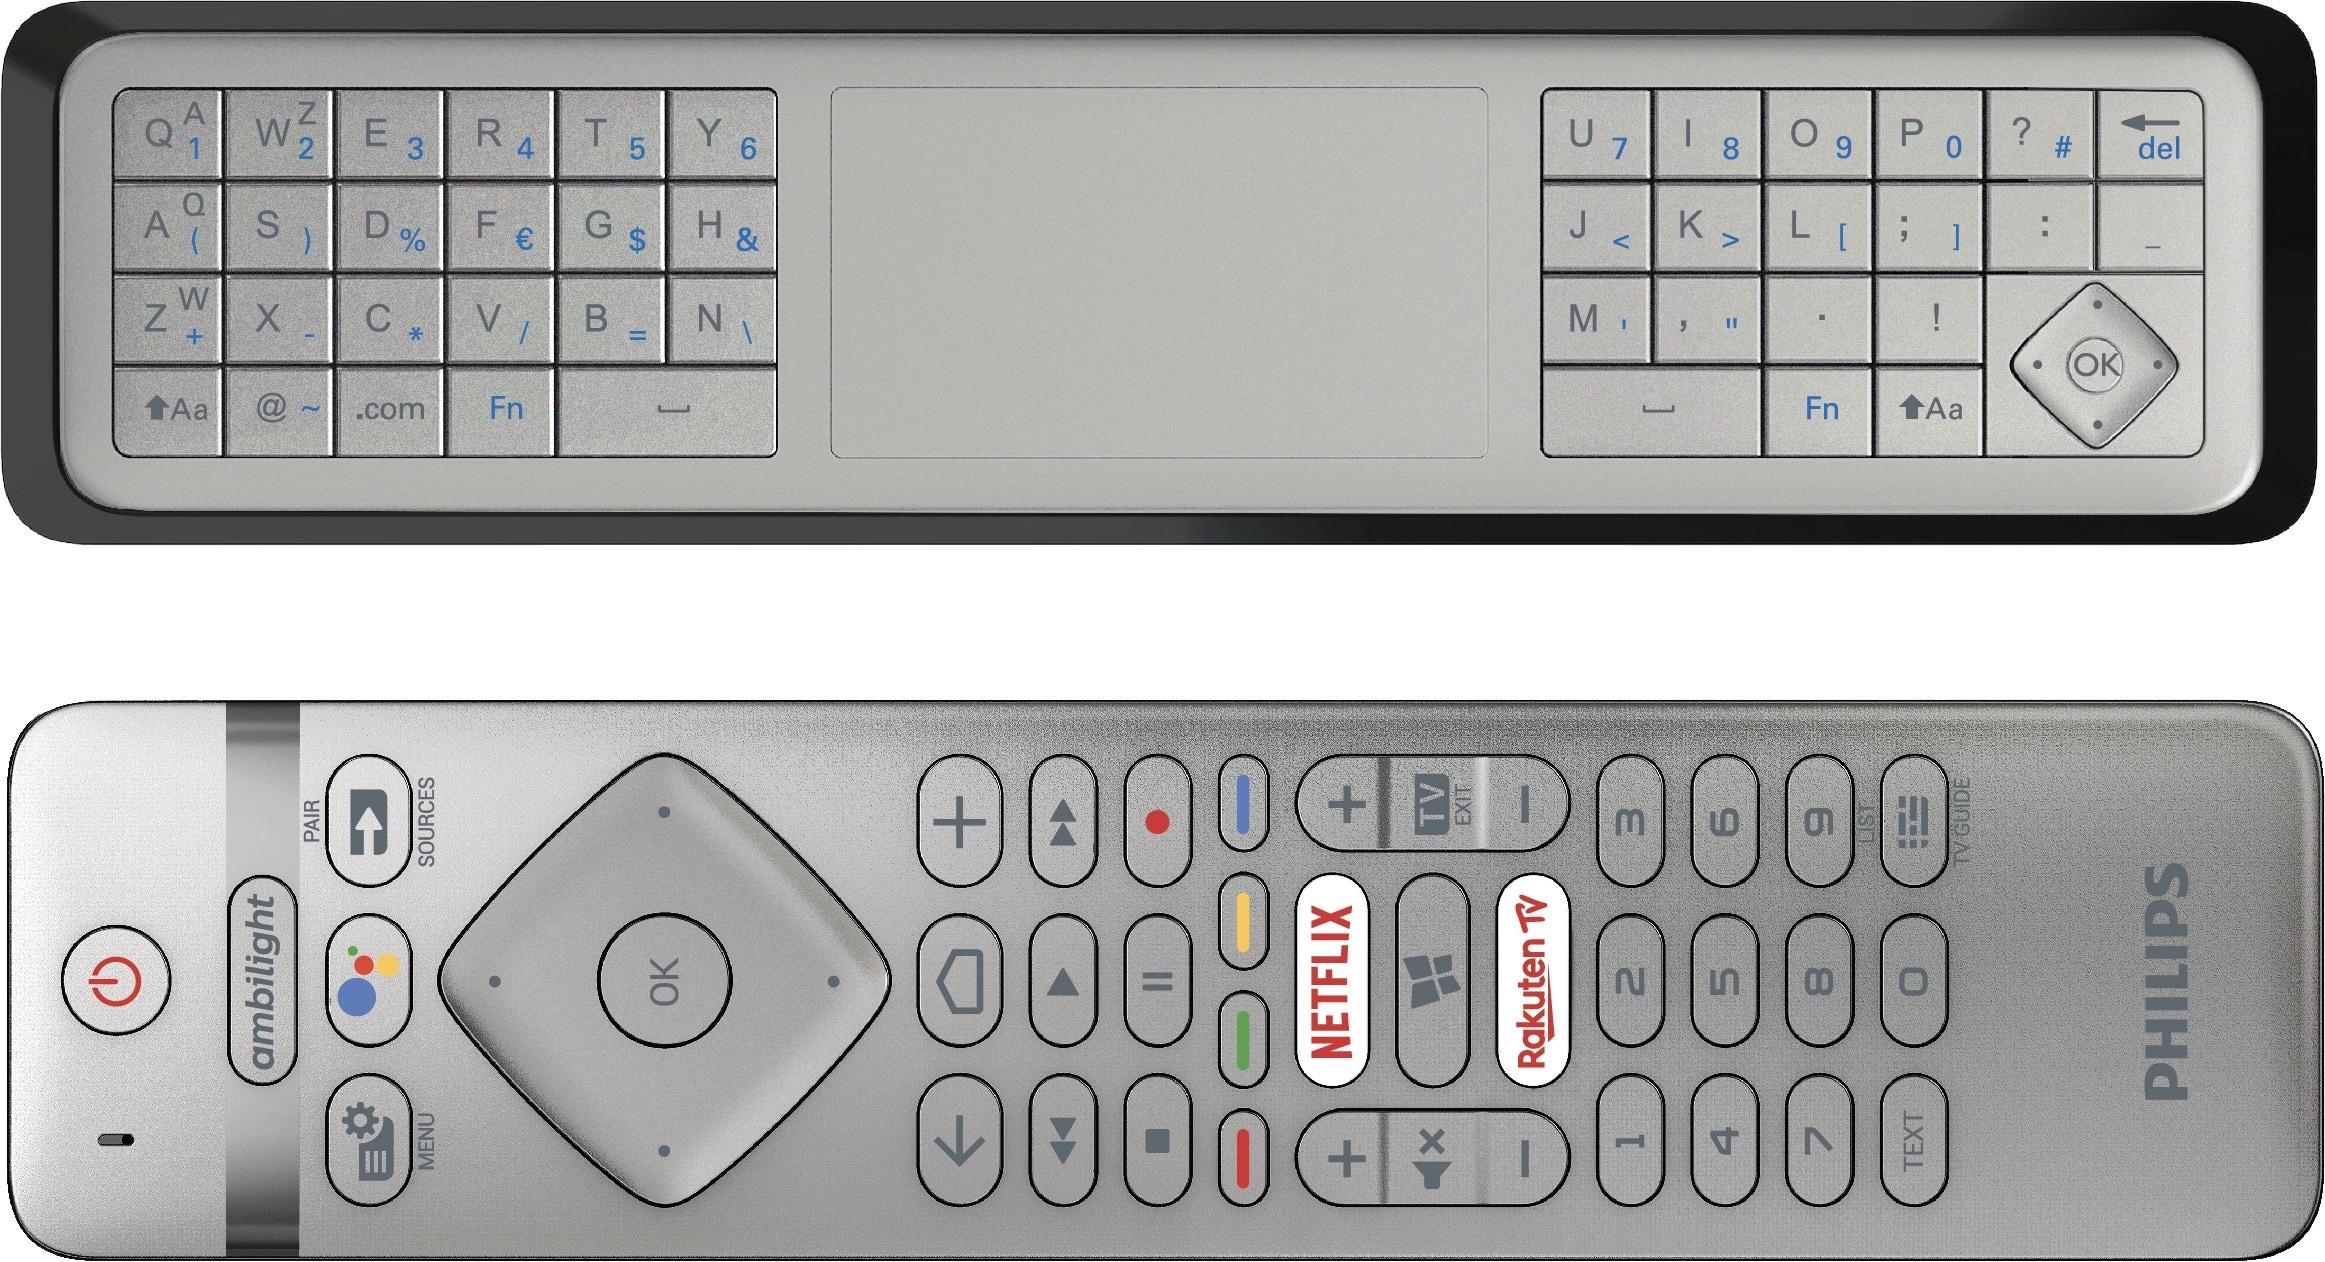 Philips OLED TV Fernbedienung 2019